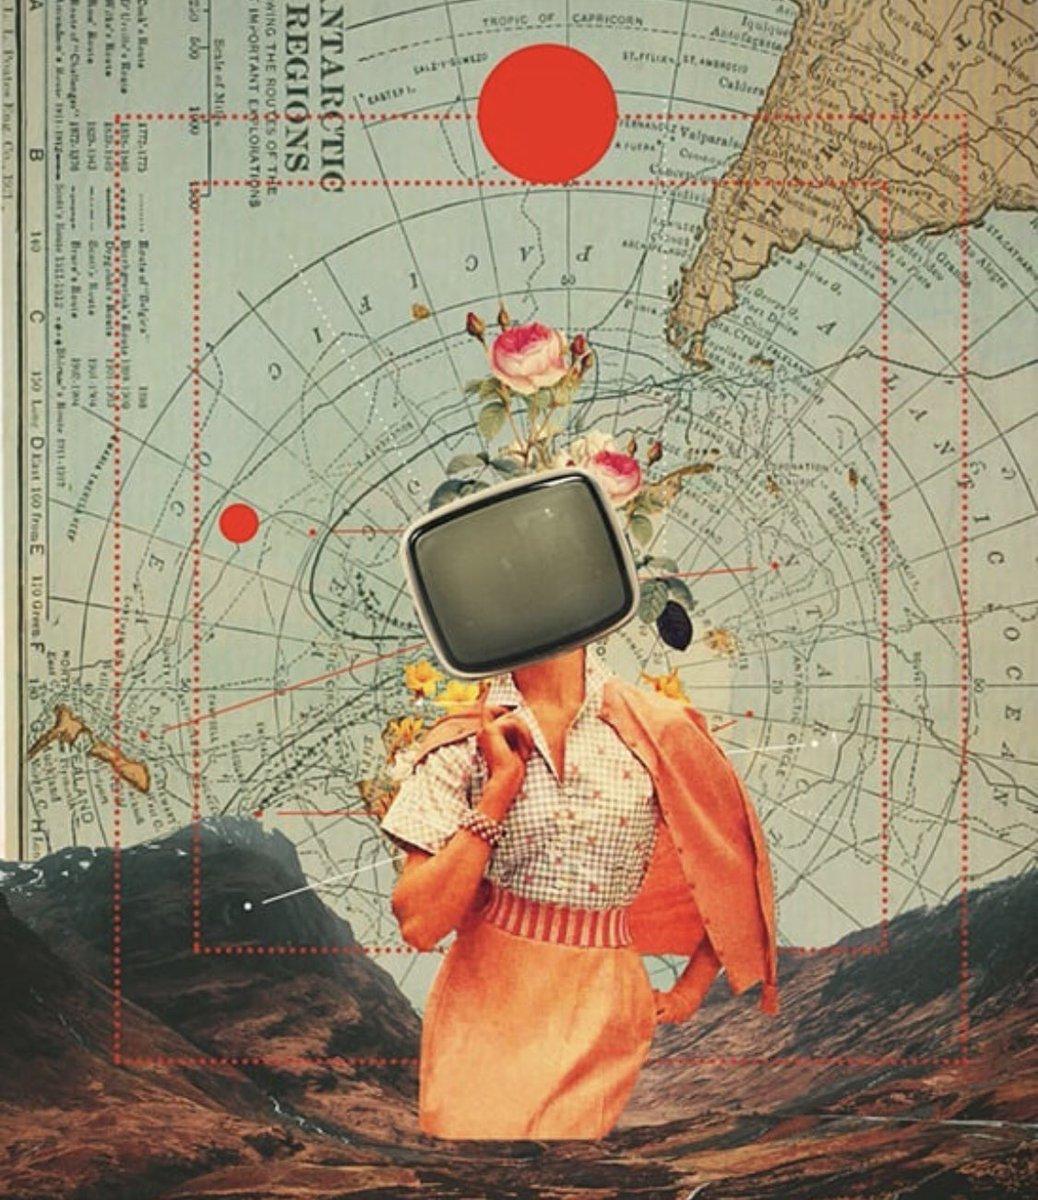 AyniMagazine photo